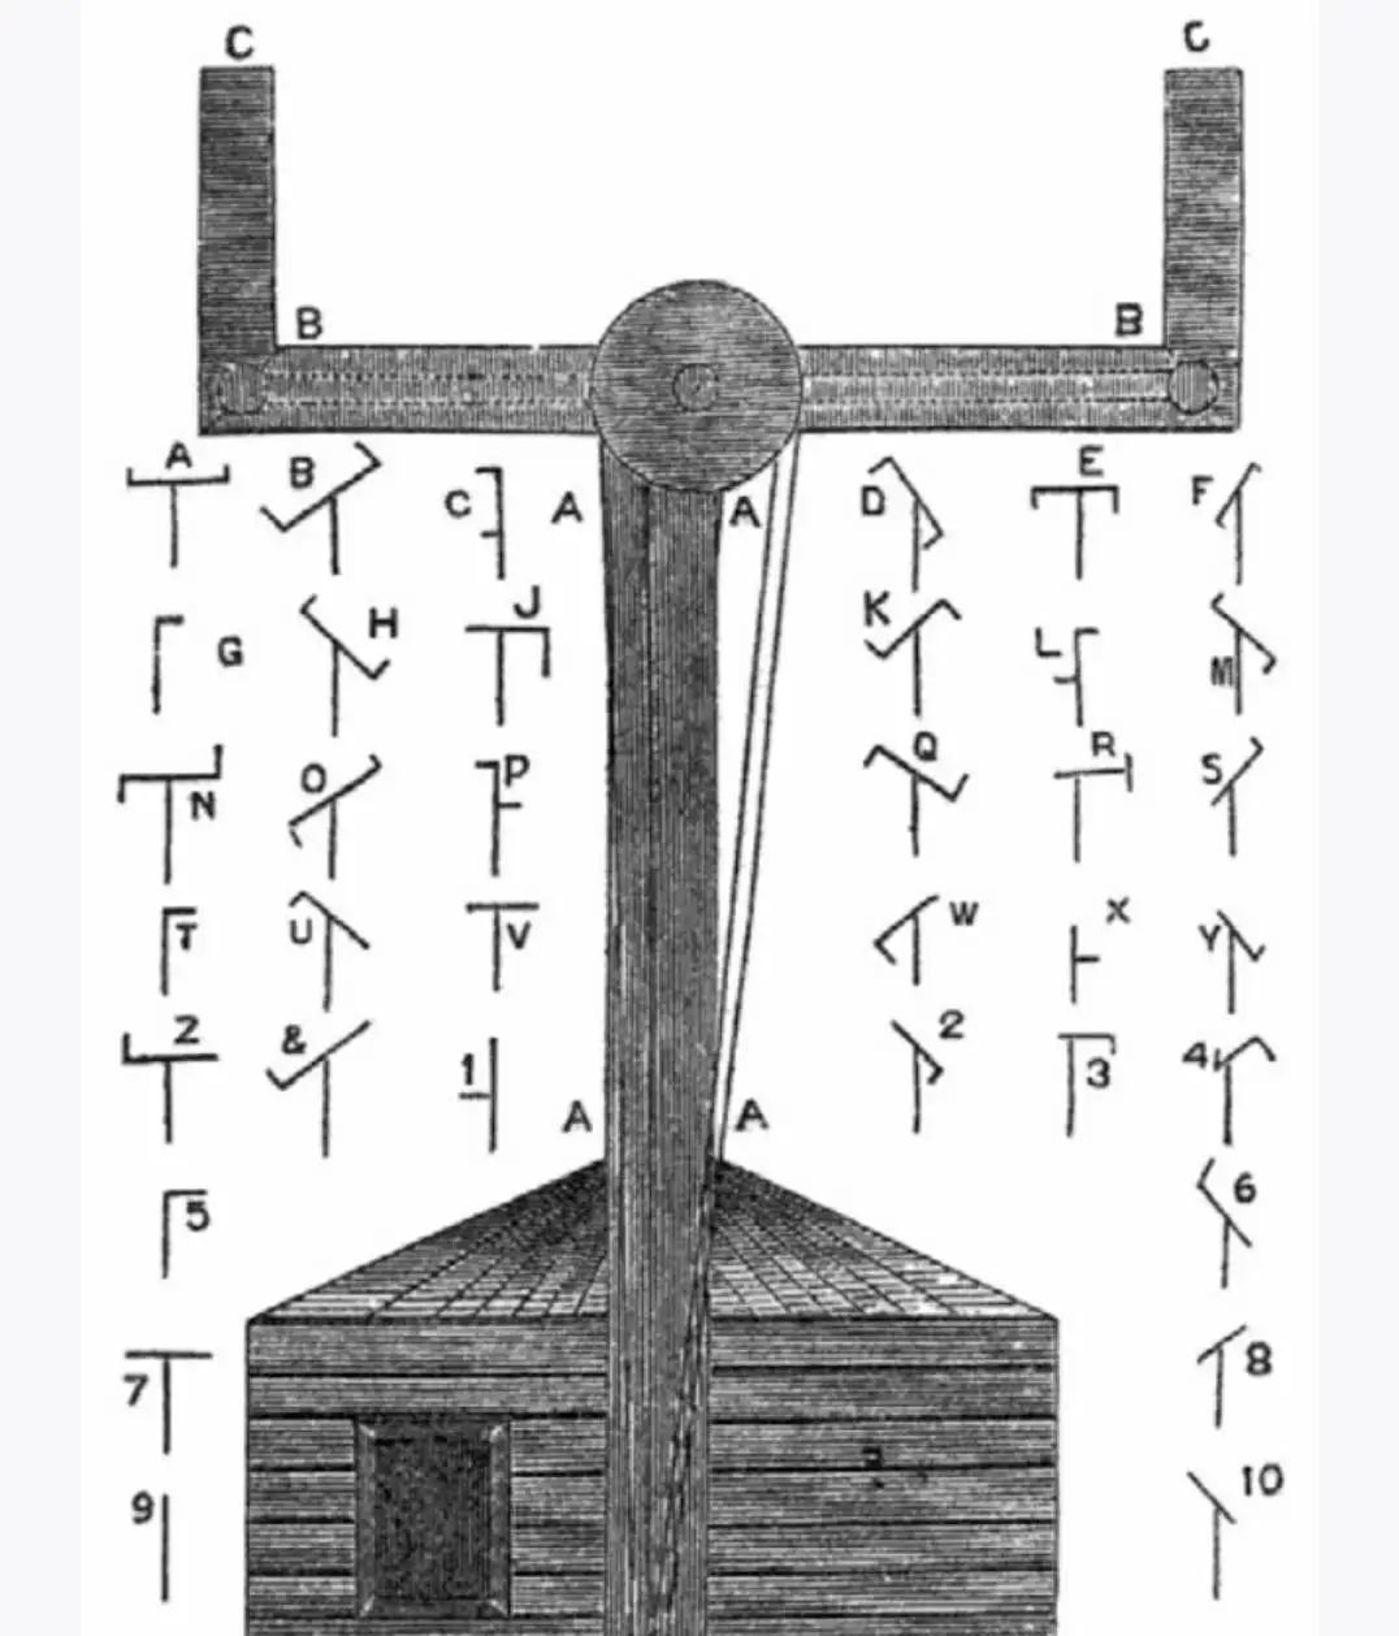 查普型观感电报,用不同的转动臂位置来代表不同的字母。转动臂被放置于塔尖之上,由一名室内操作人员控制其转动